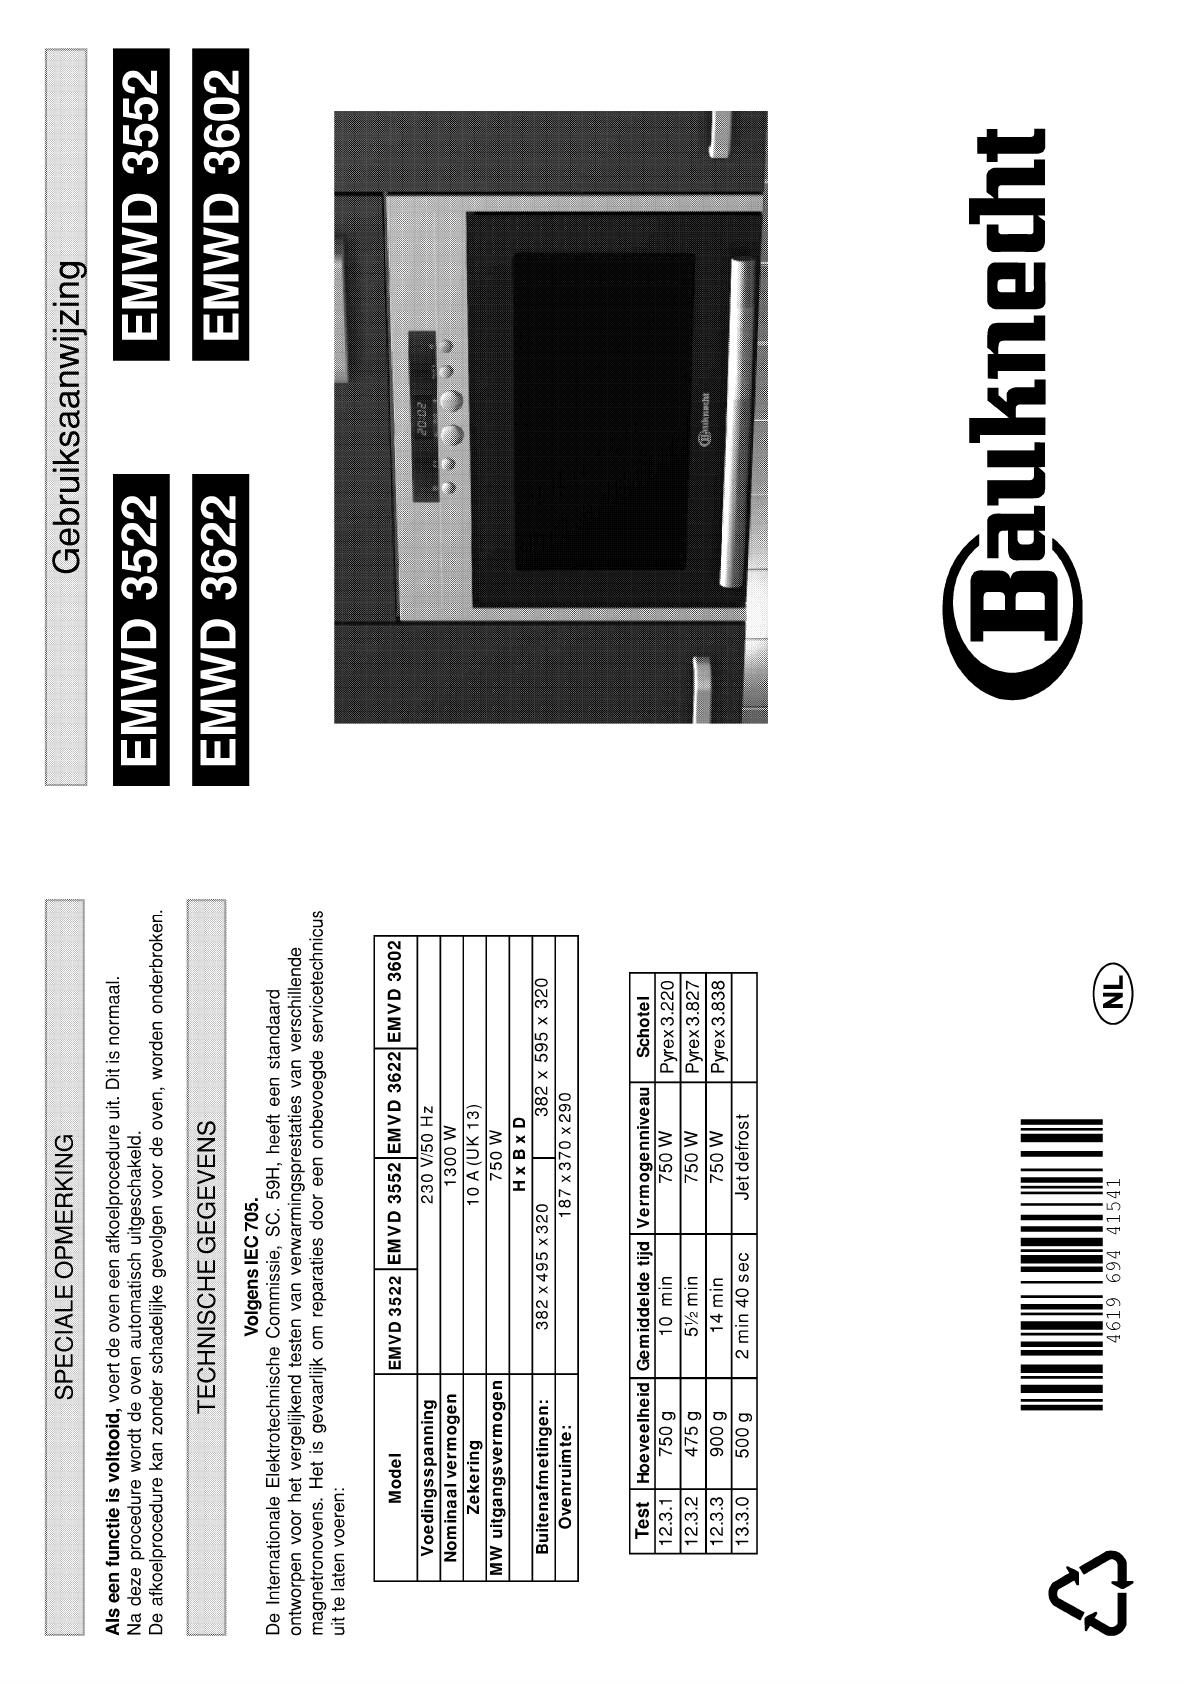 Bauknecht emwd 3622